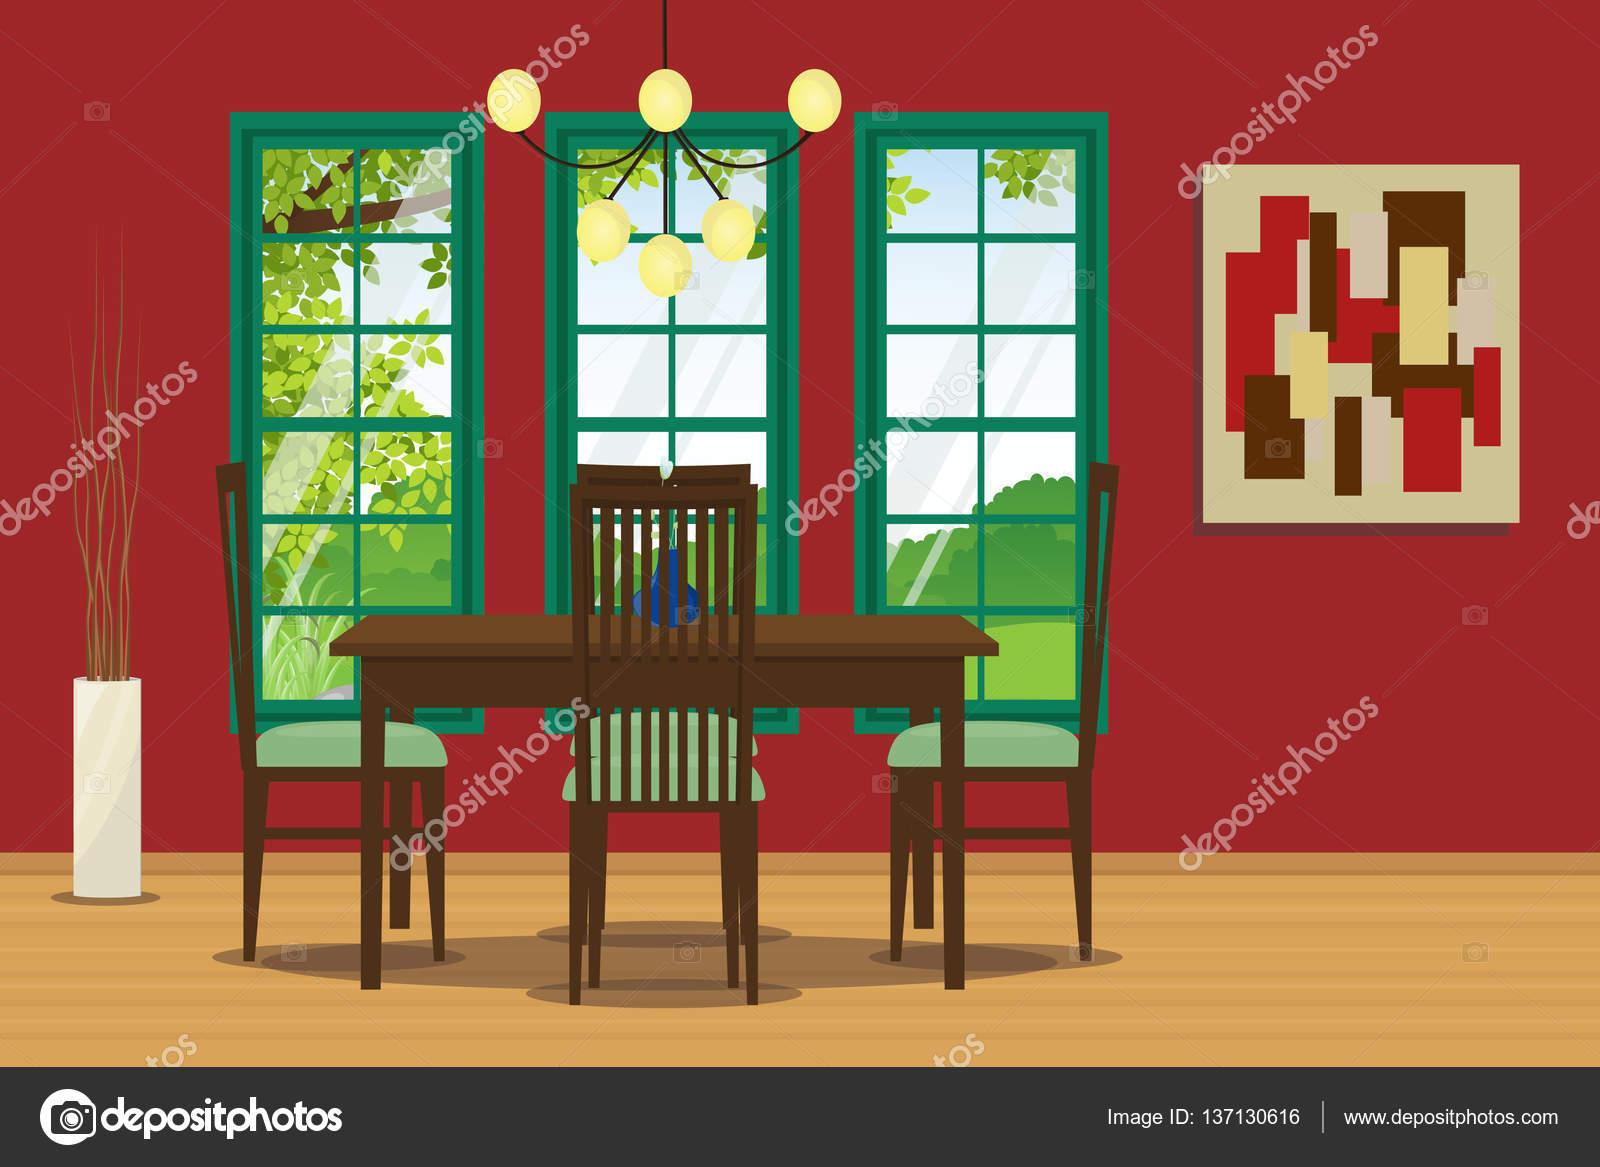 Stühle An Die Wand Hängen esszimmer interieur mit tisch stuhl hängende le und wand